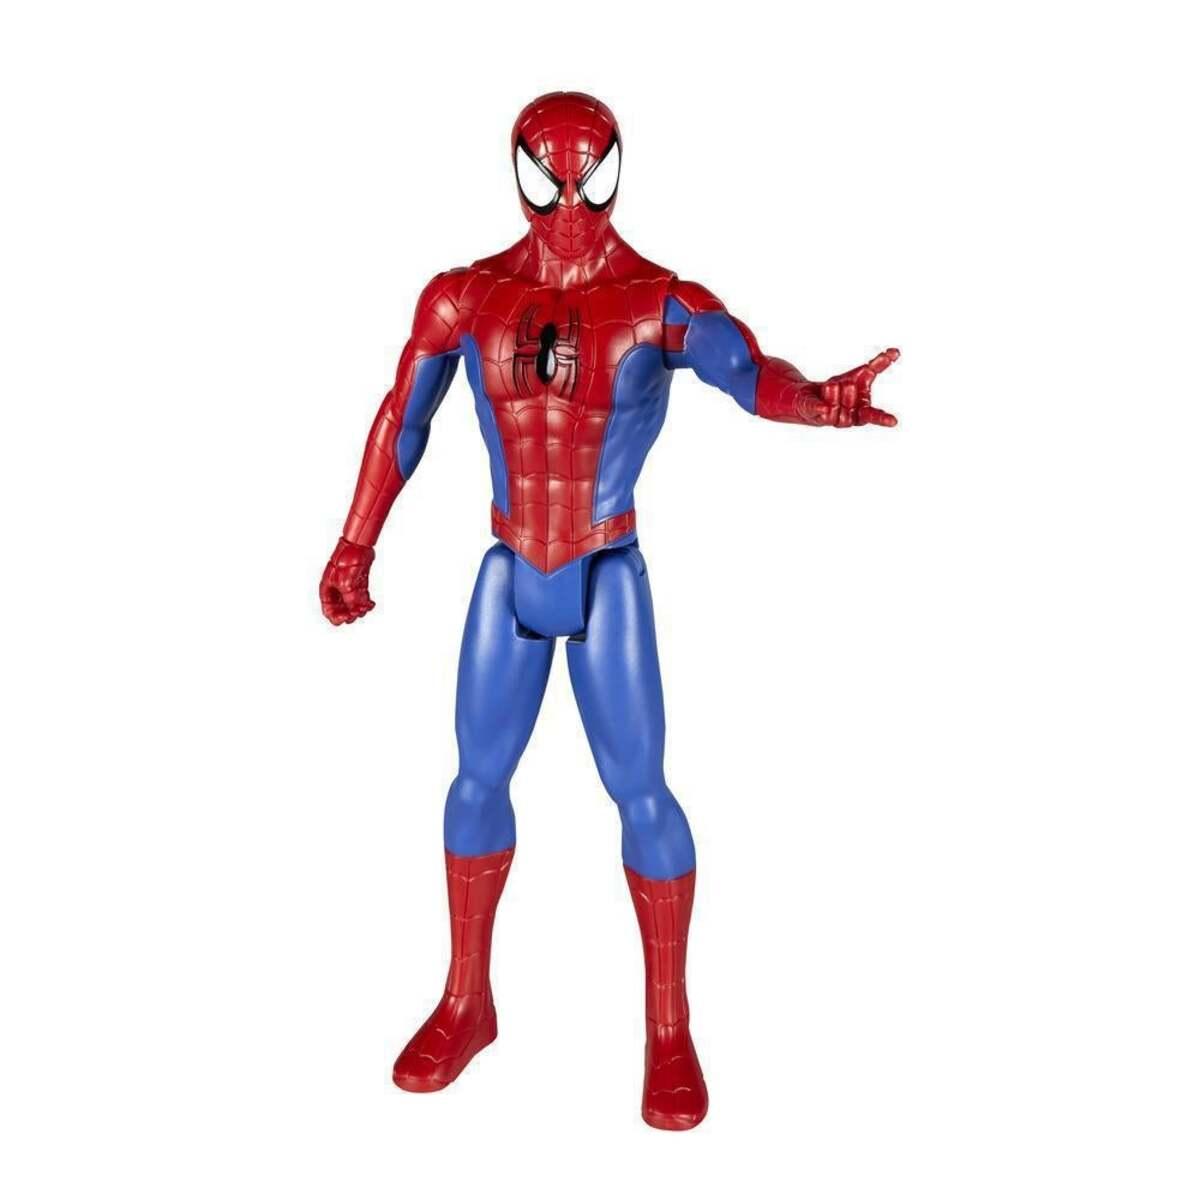 Bild 3 von Hasbro Spider-Man Titan Hero